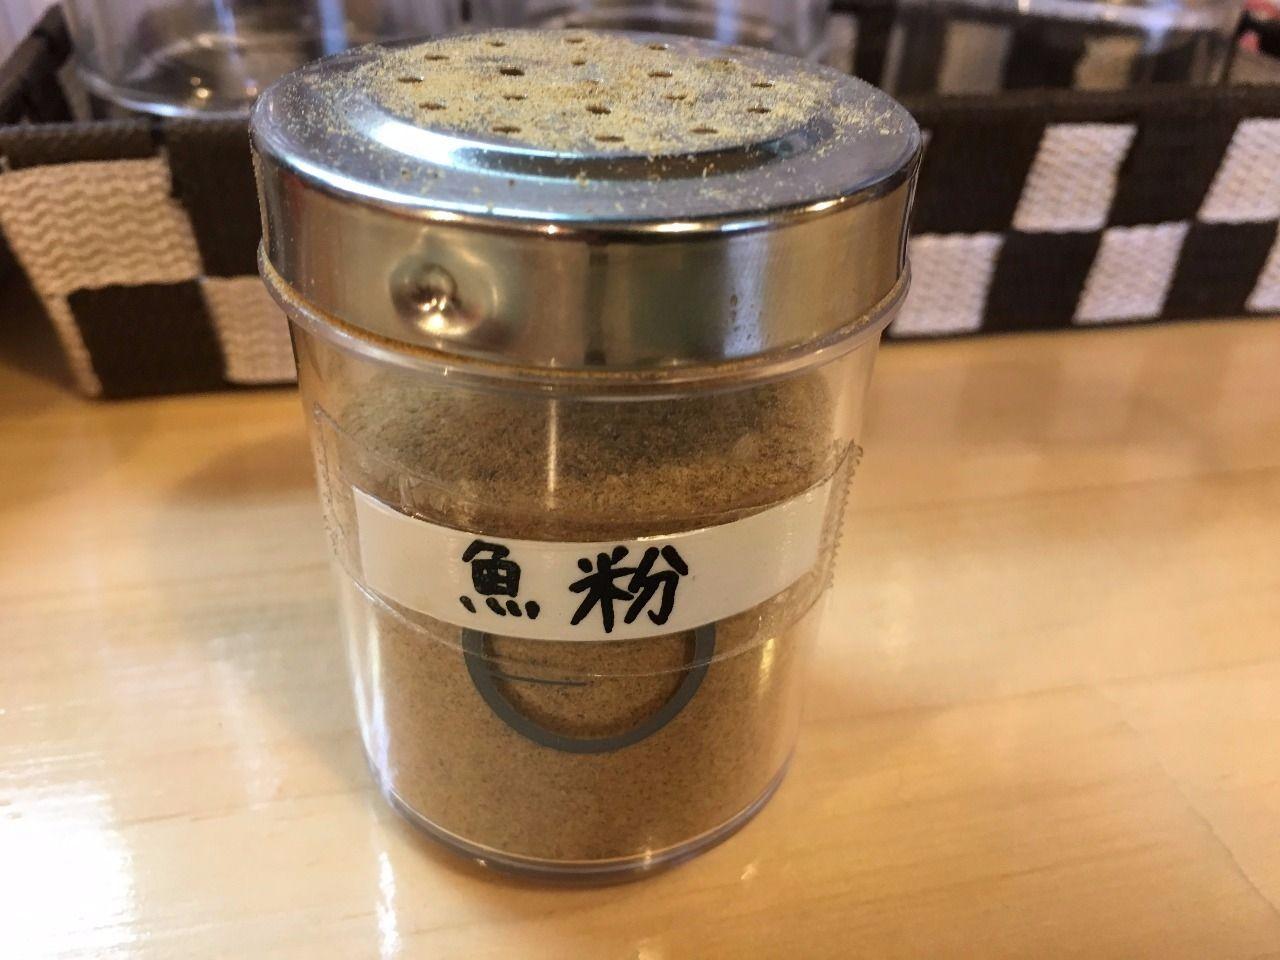 つけ麺に魚粉パウダーを入れて味に変化をつけます!